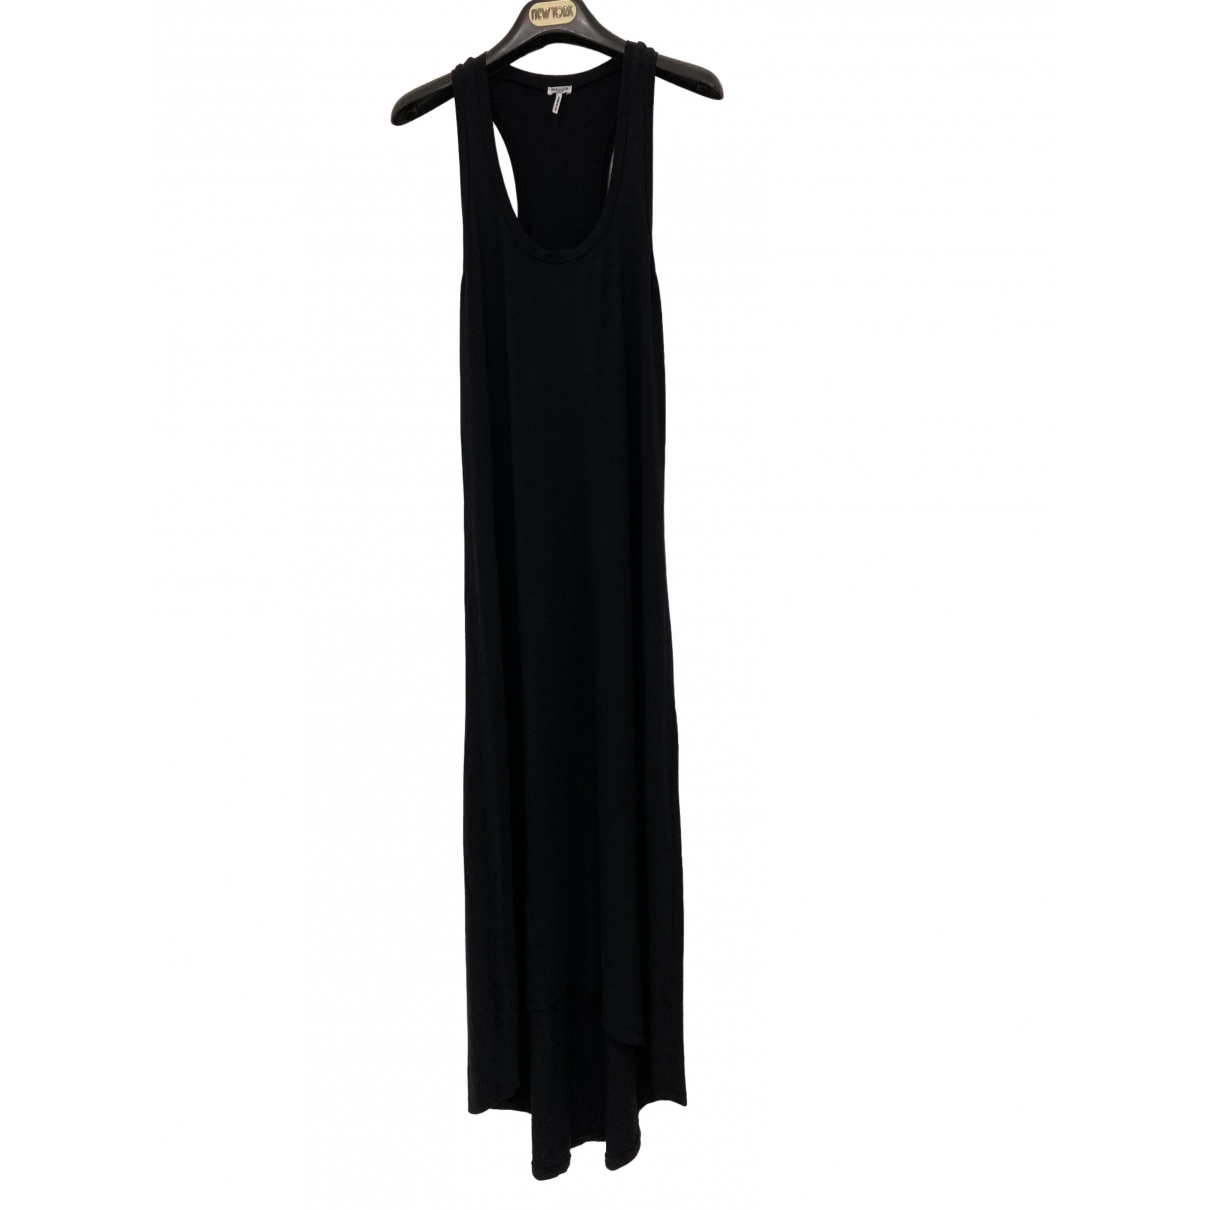 Splendid \N Black Cotton dress for Women M International